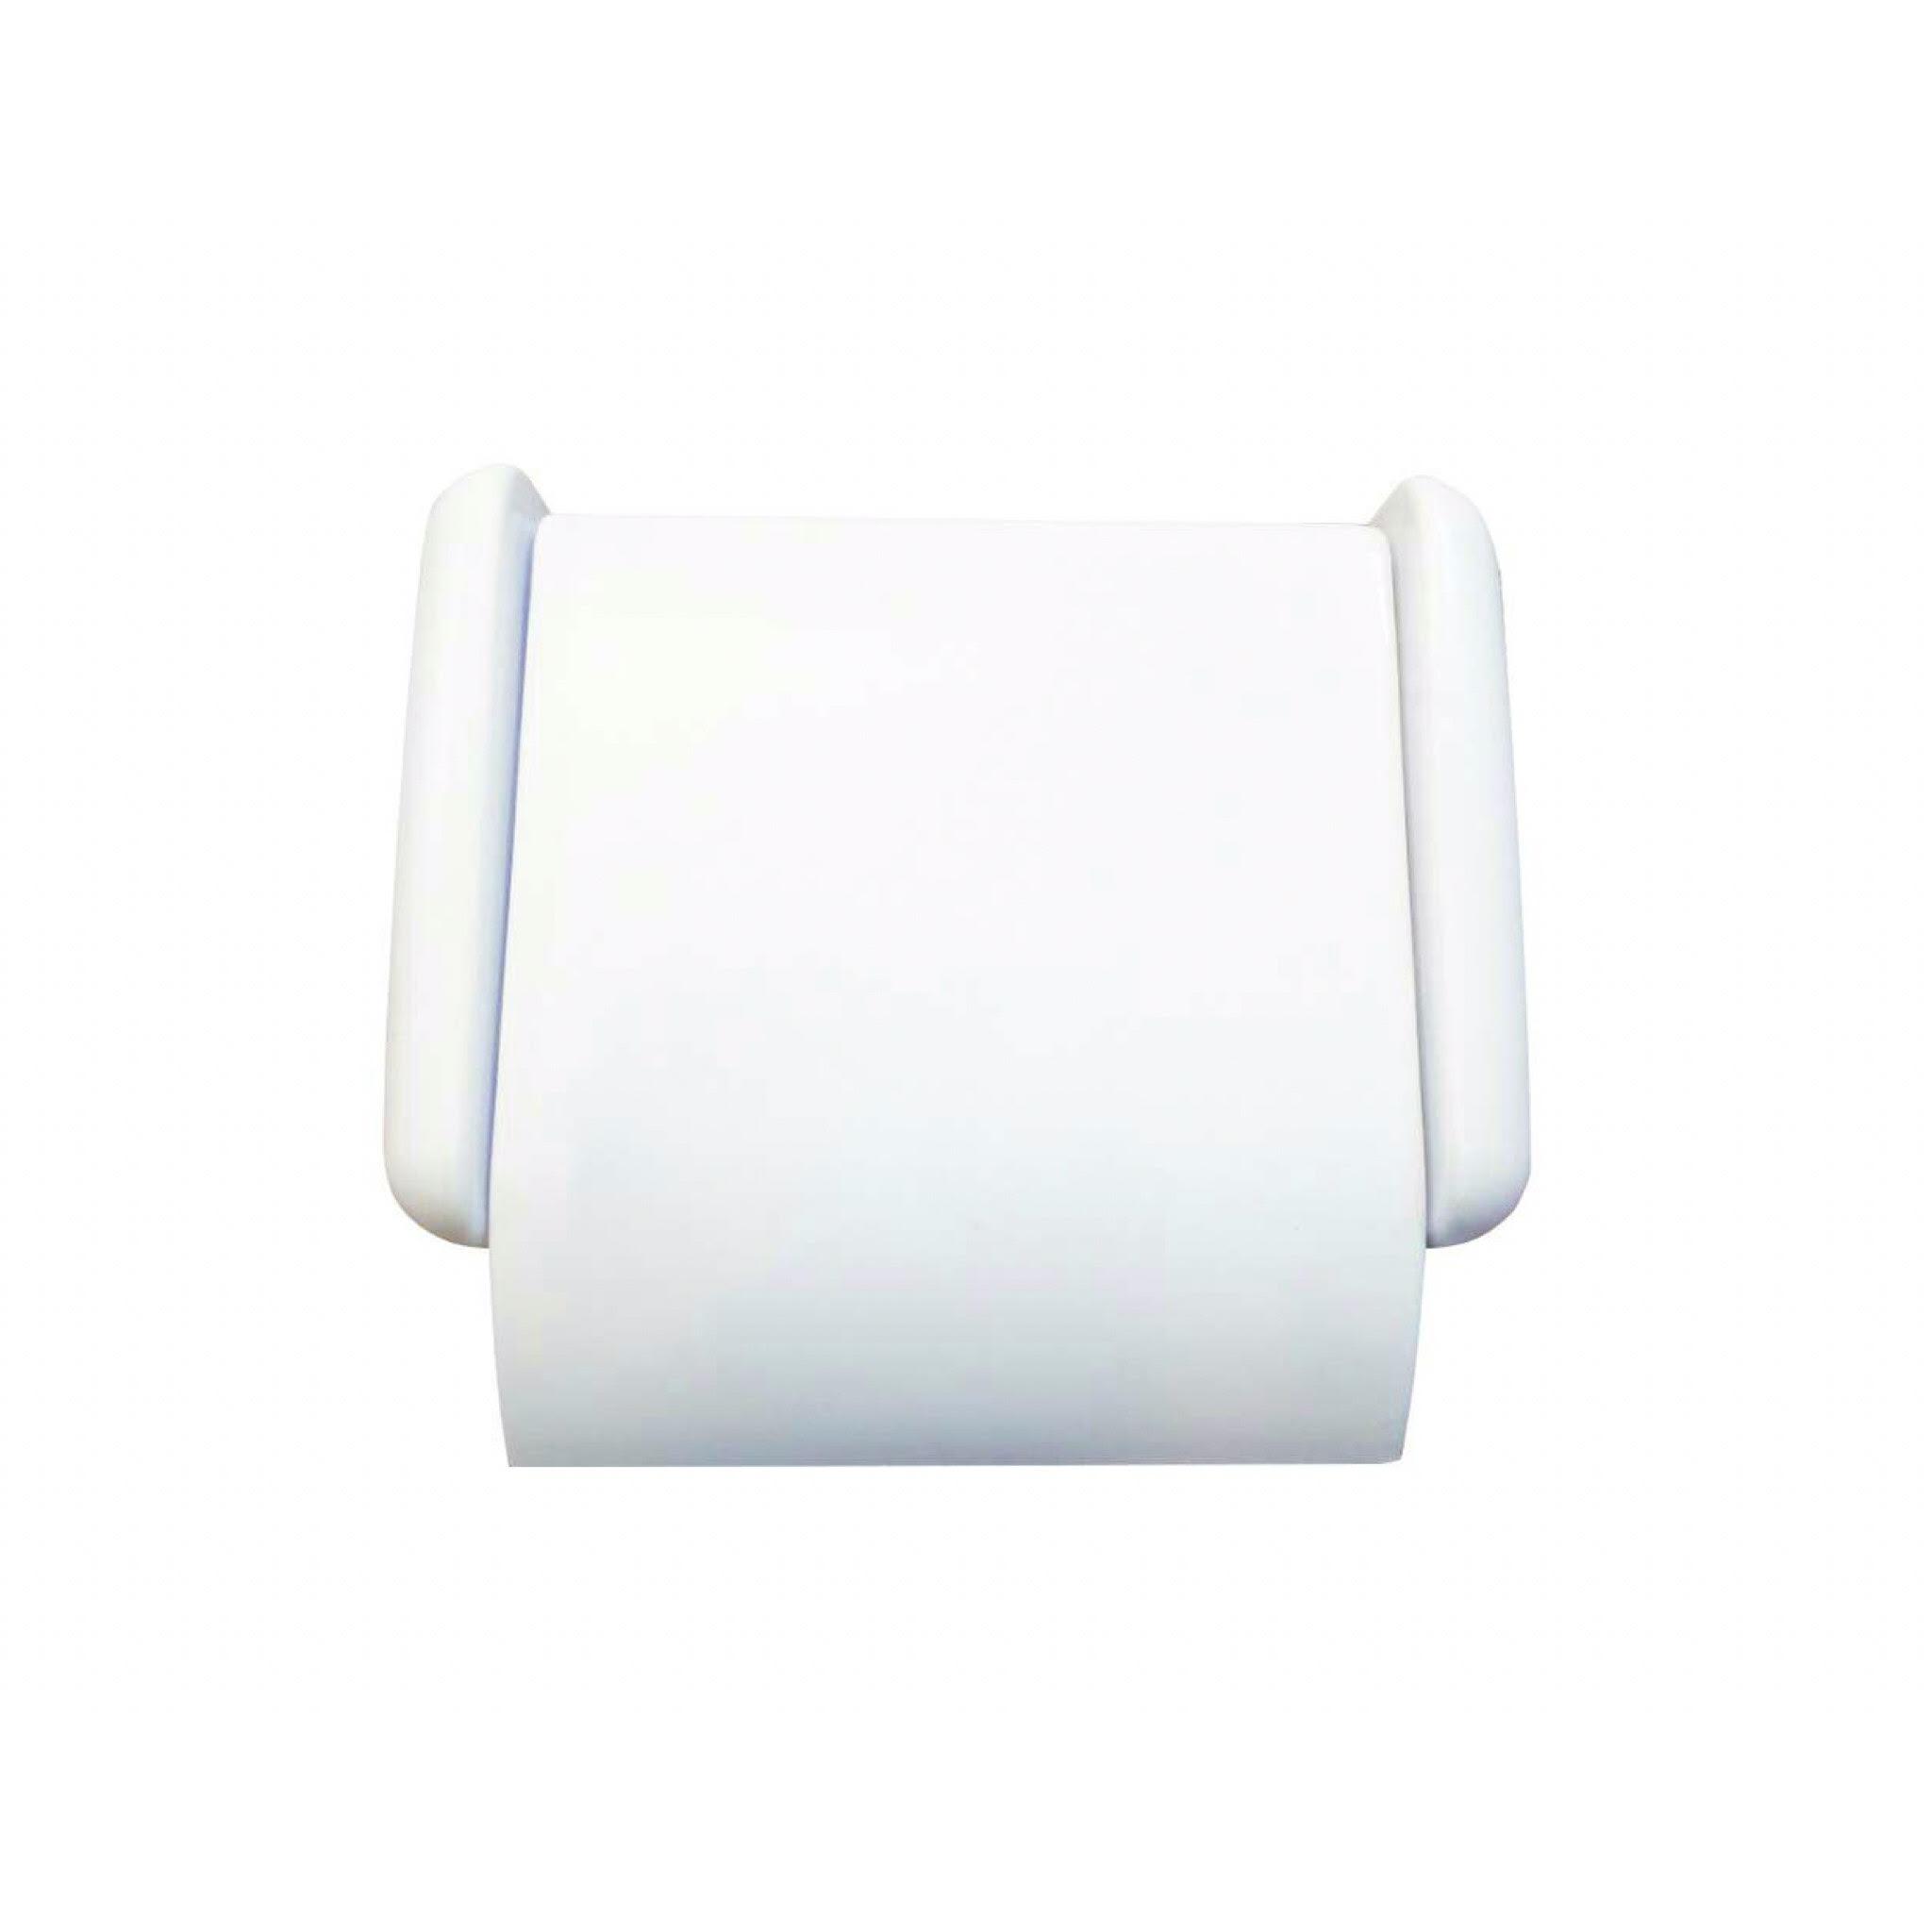 پایه دستمال توالت لیون مدل WC200